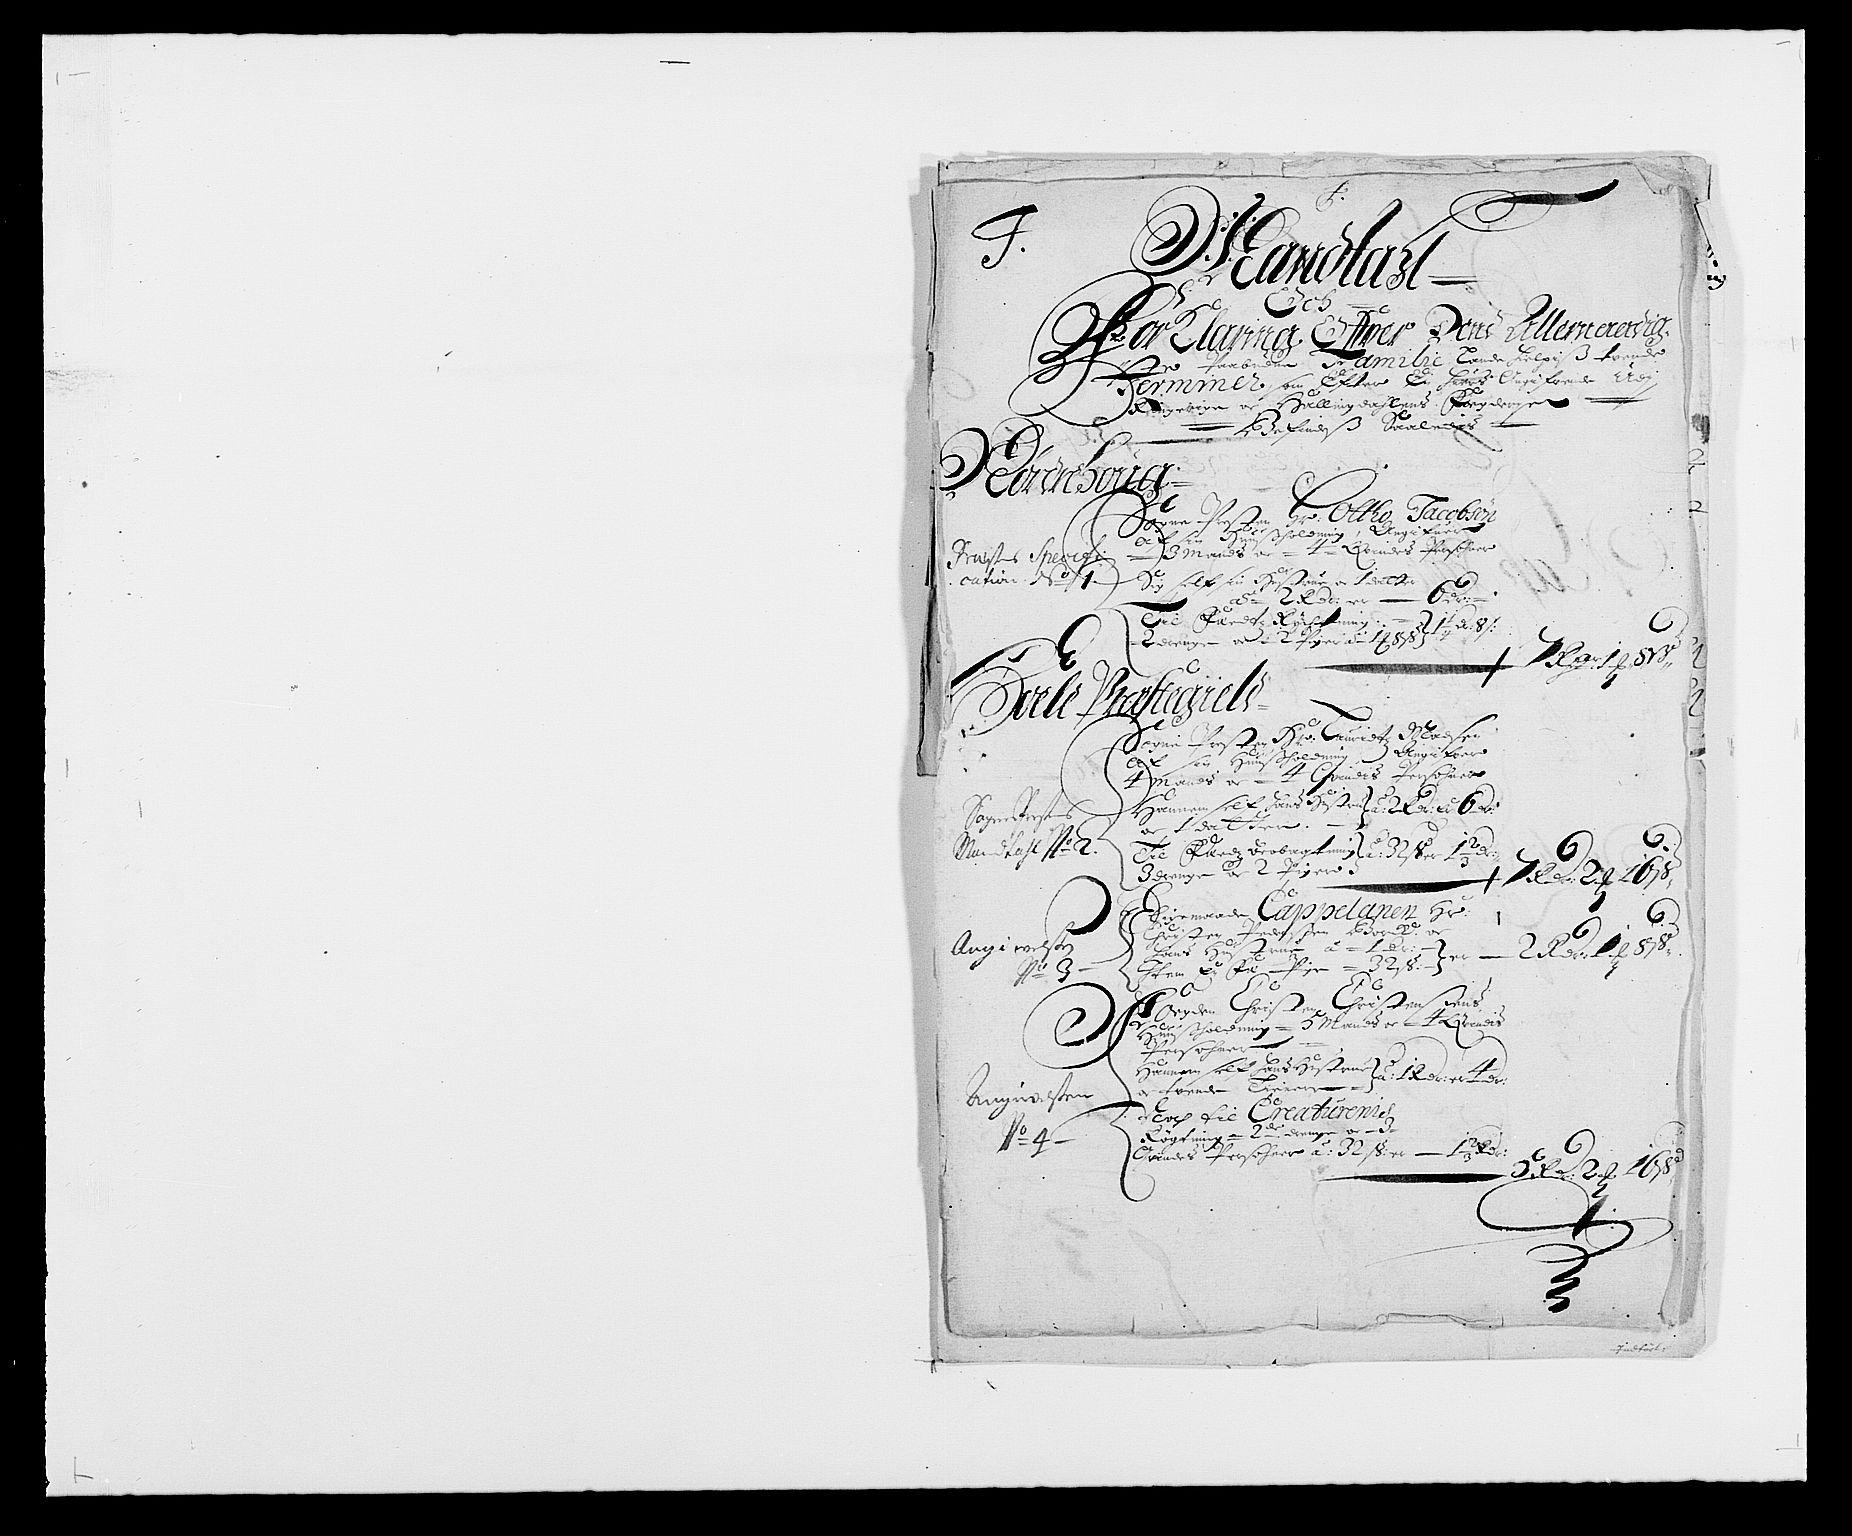 RA, Rentekammeret inntil 1814, Reviderte regnskaper, Fogderegnskap, R21/L1443: Fogderegnskap Ringerike og Hallingdal, 1678-1680, s. 139